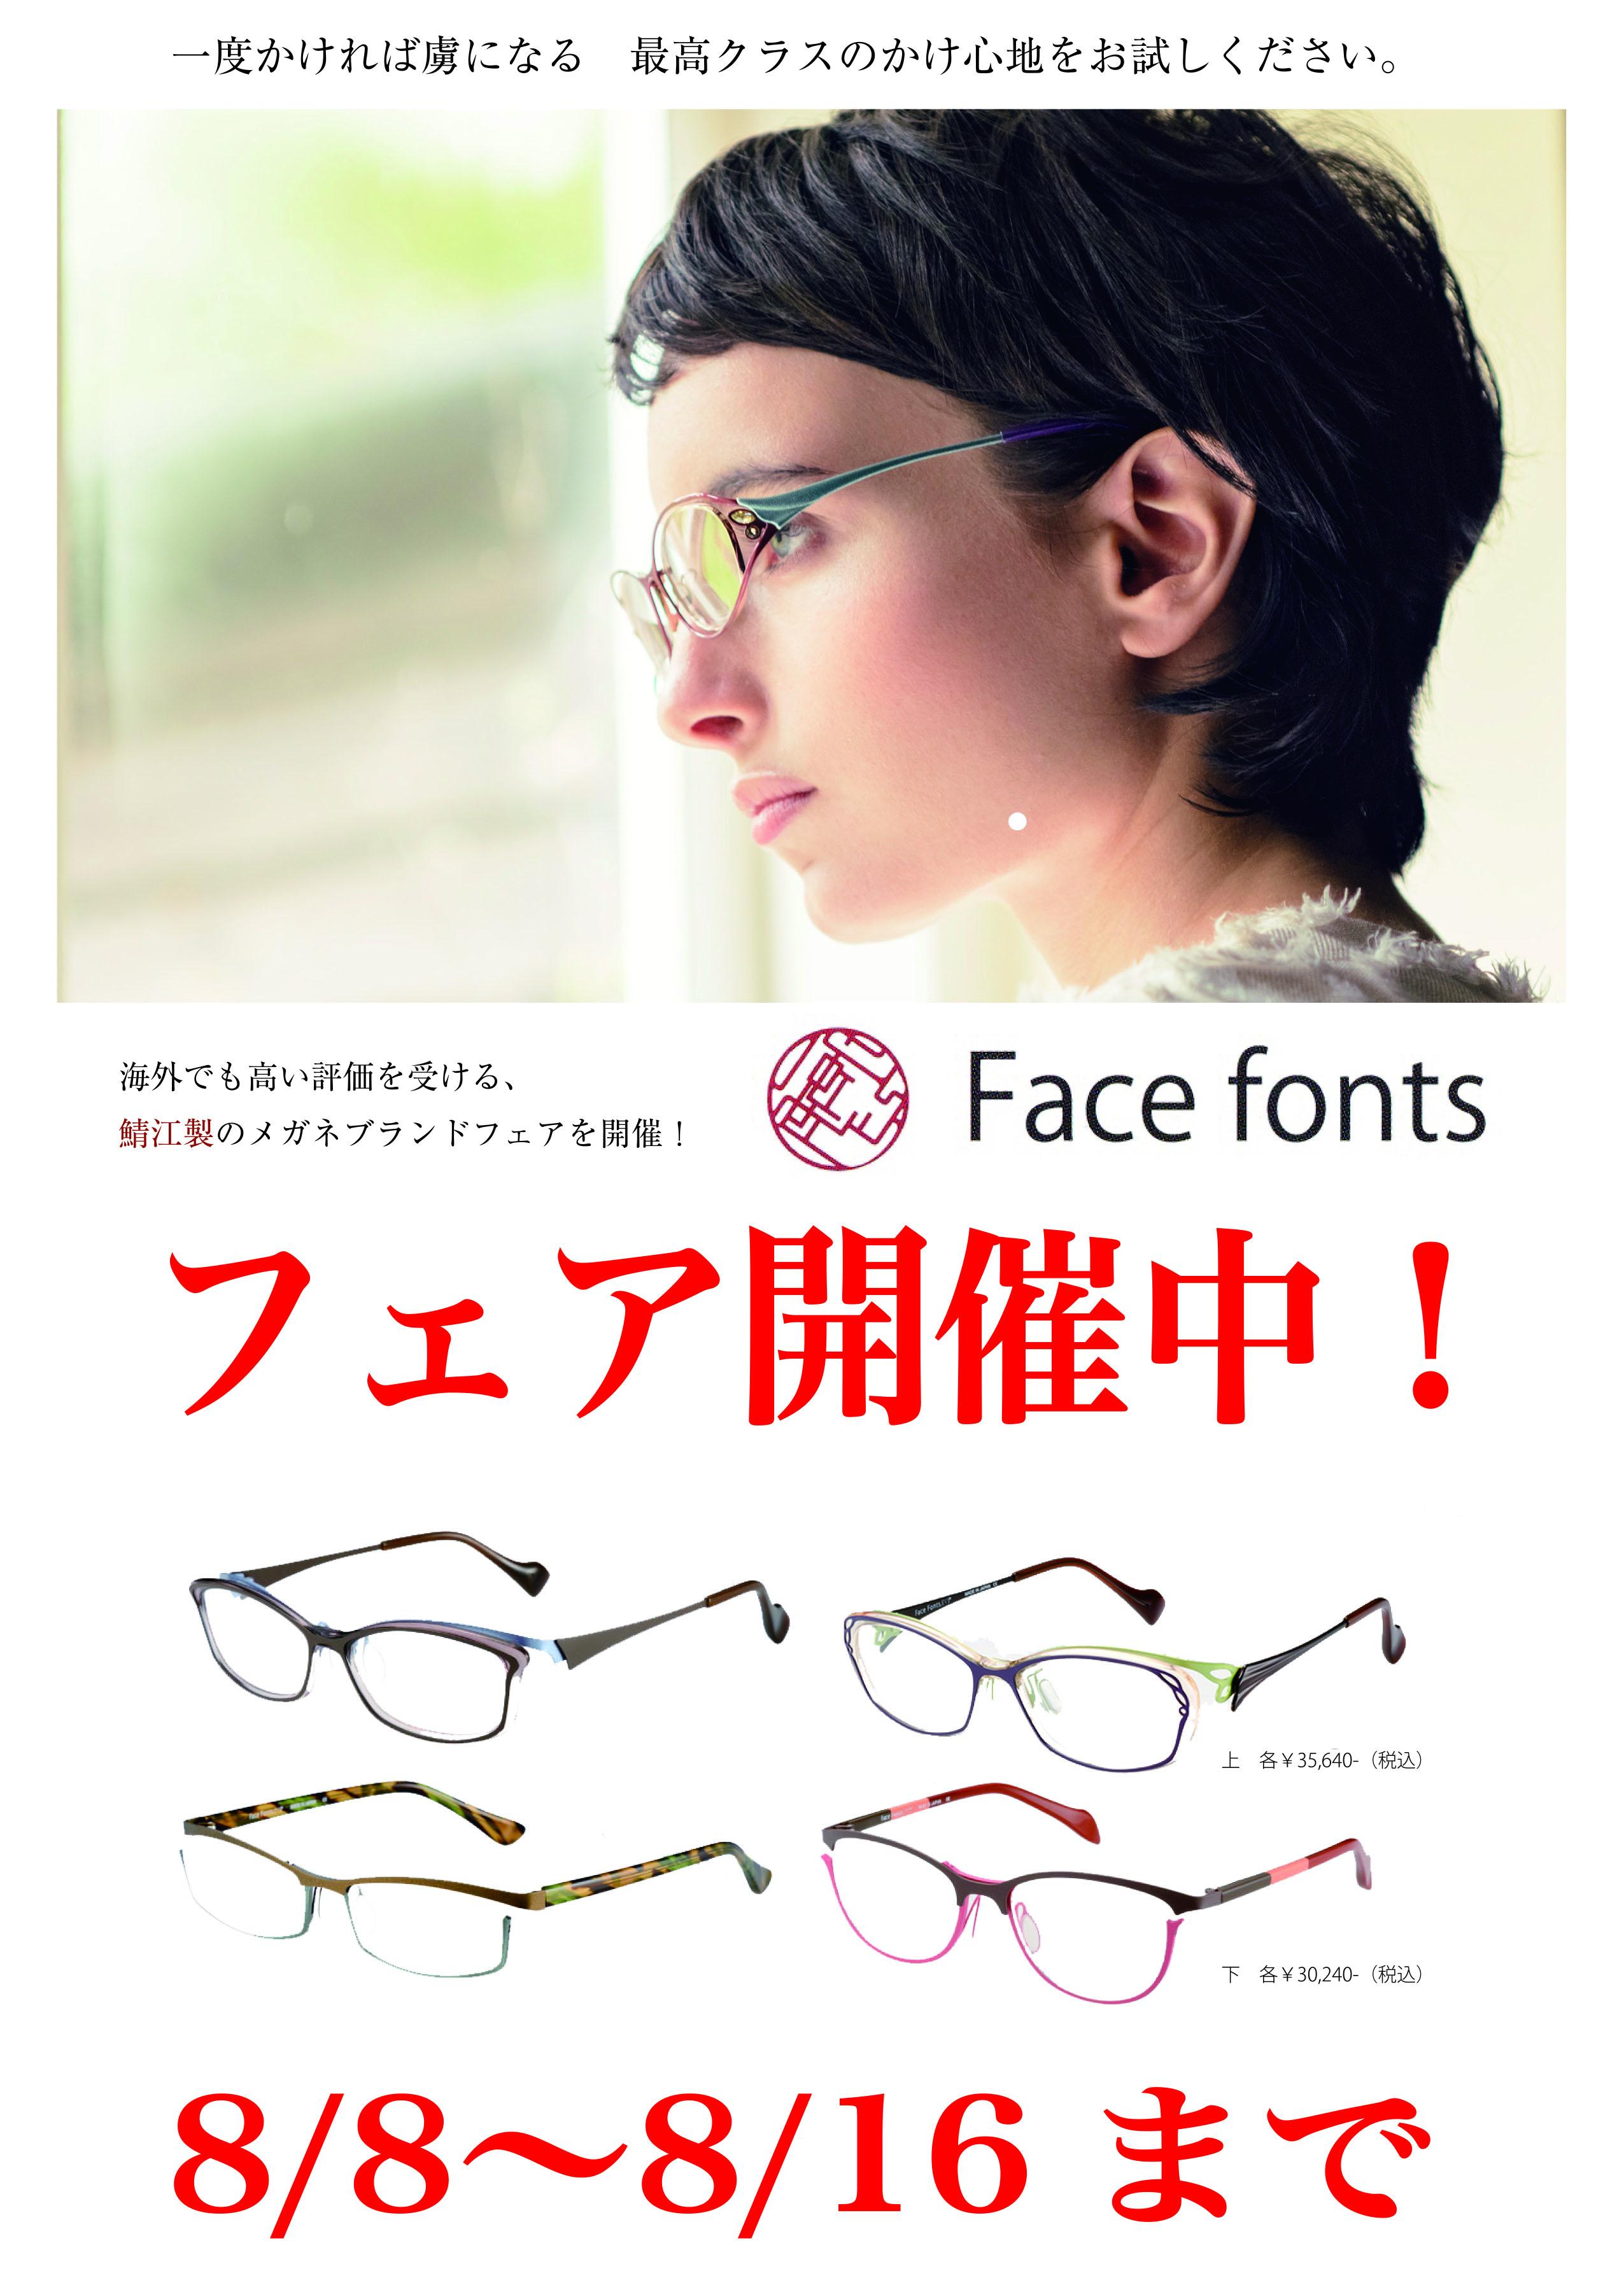 FaceFonts POS POL.jpg